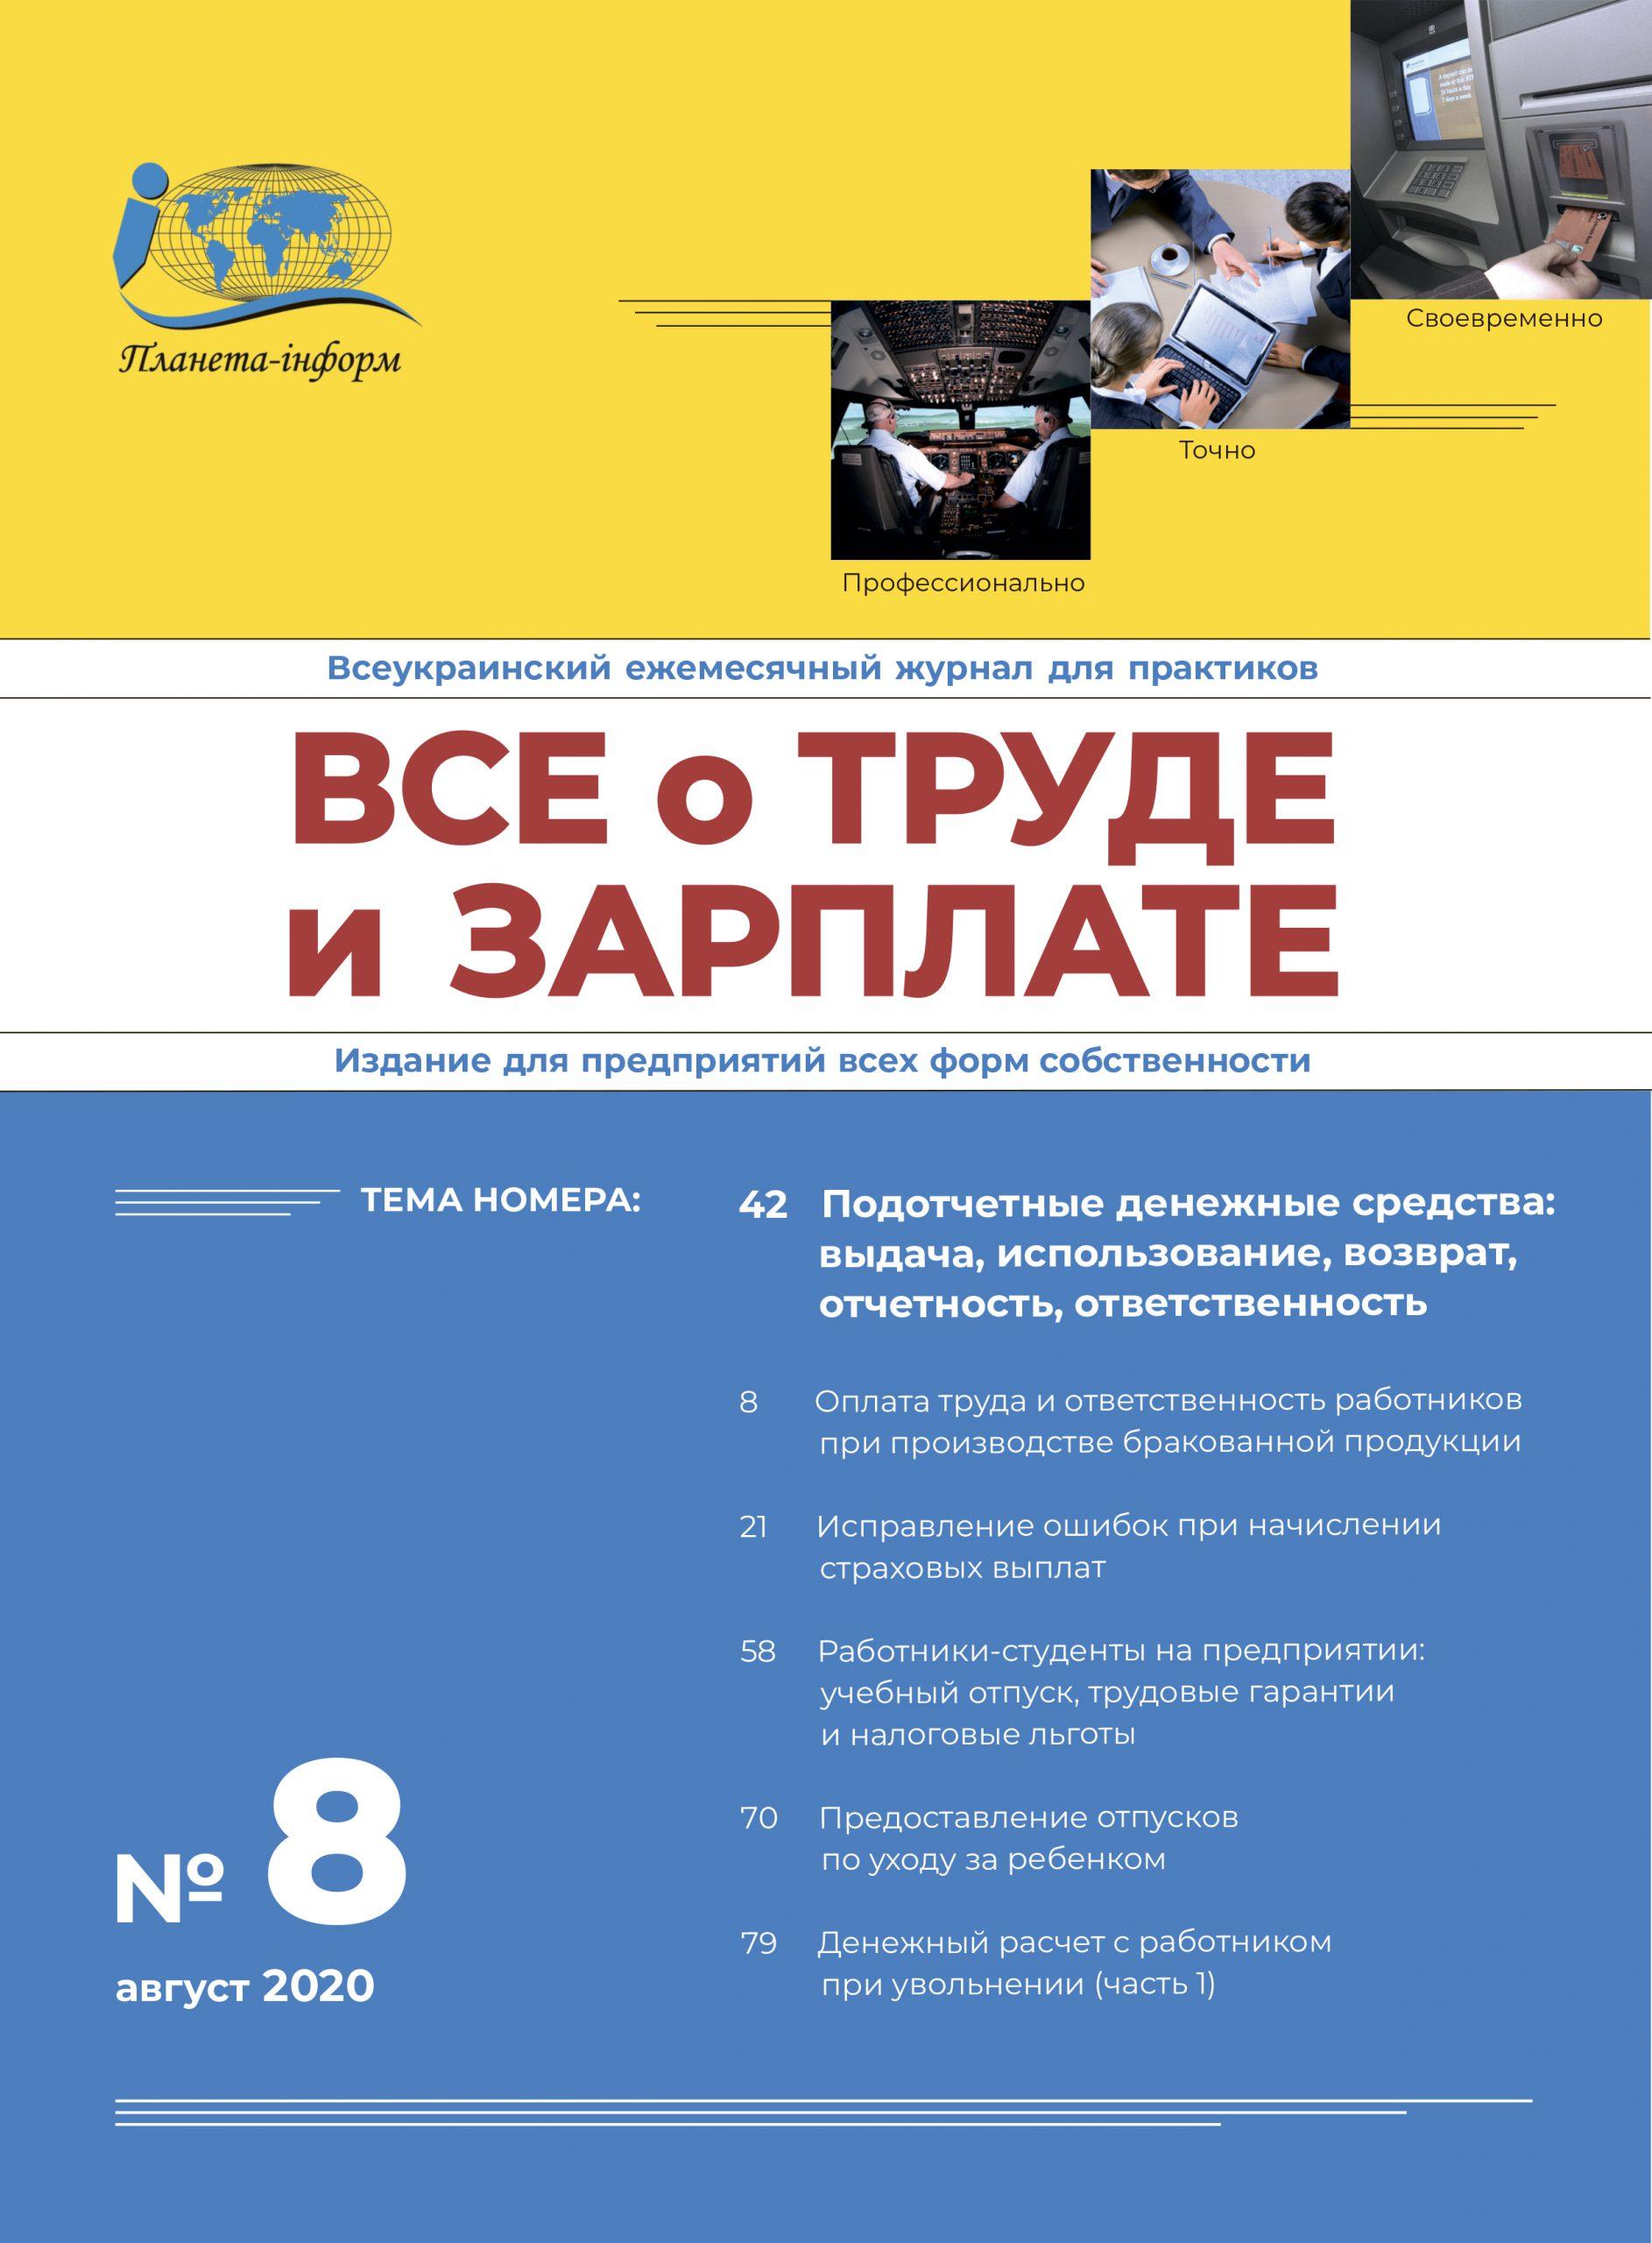 Журнал «Все о труде и зарплате» № 8/2020